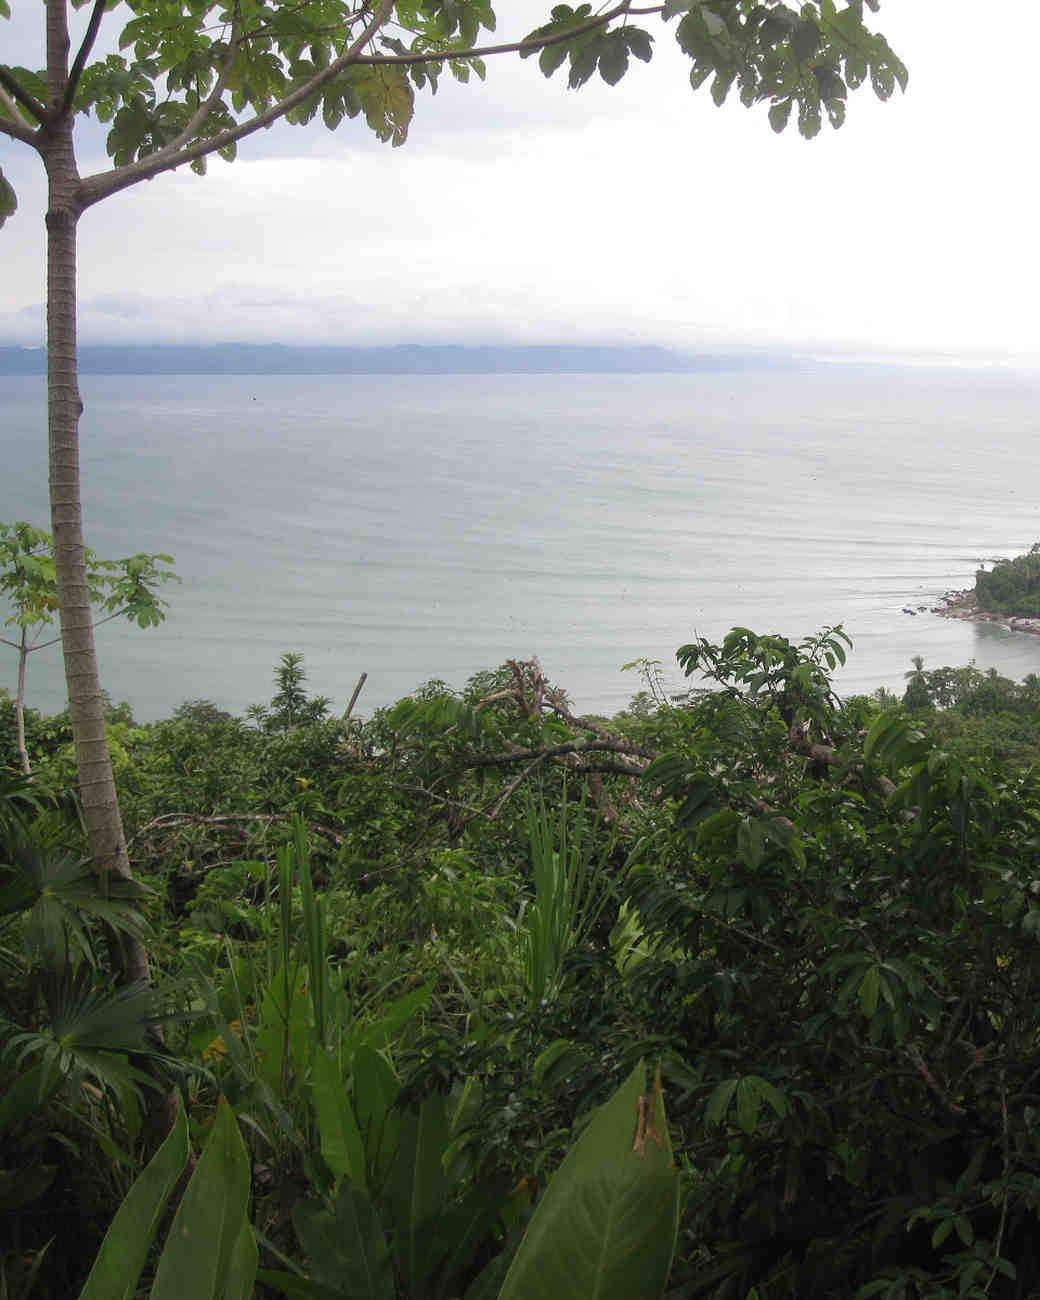 romantic-places-lapas-rios-costa-rica-3251-0215.jpg